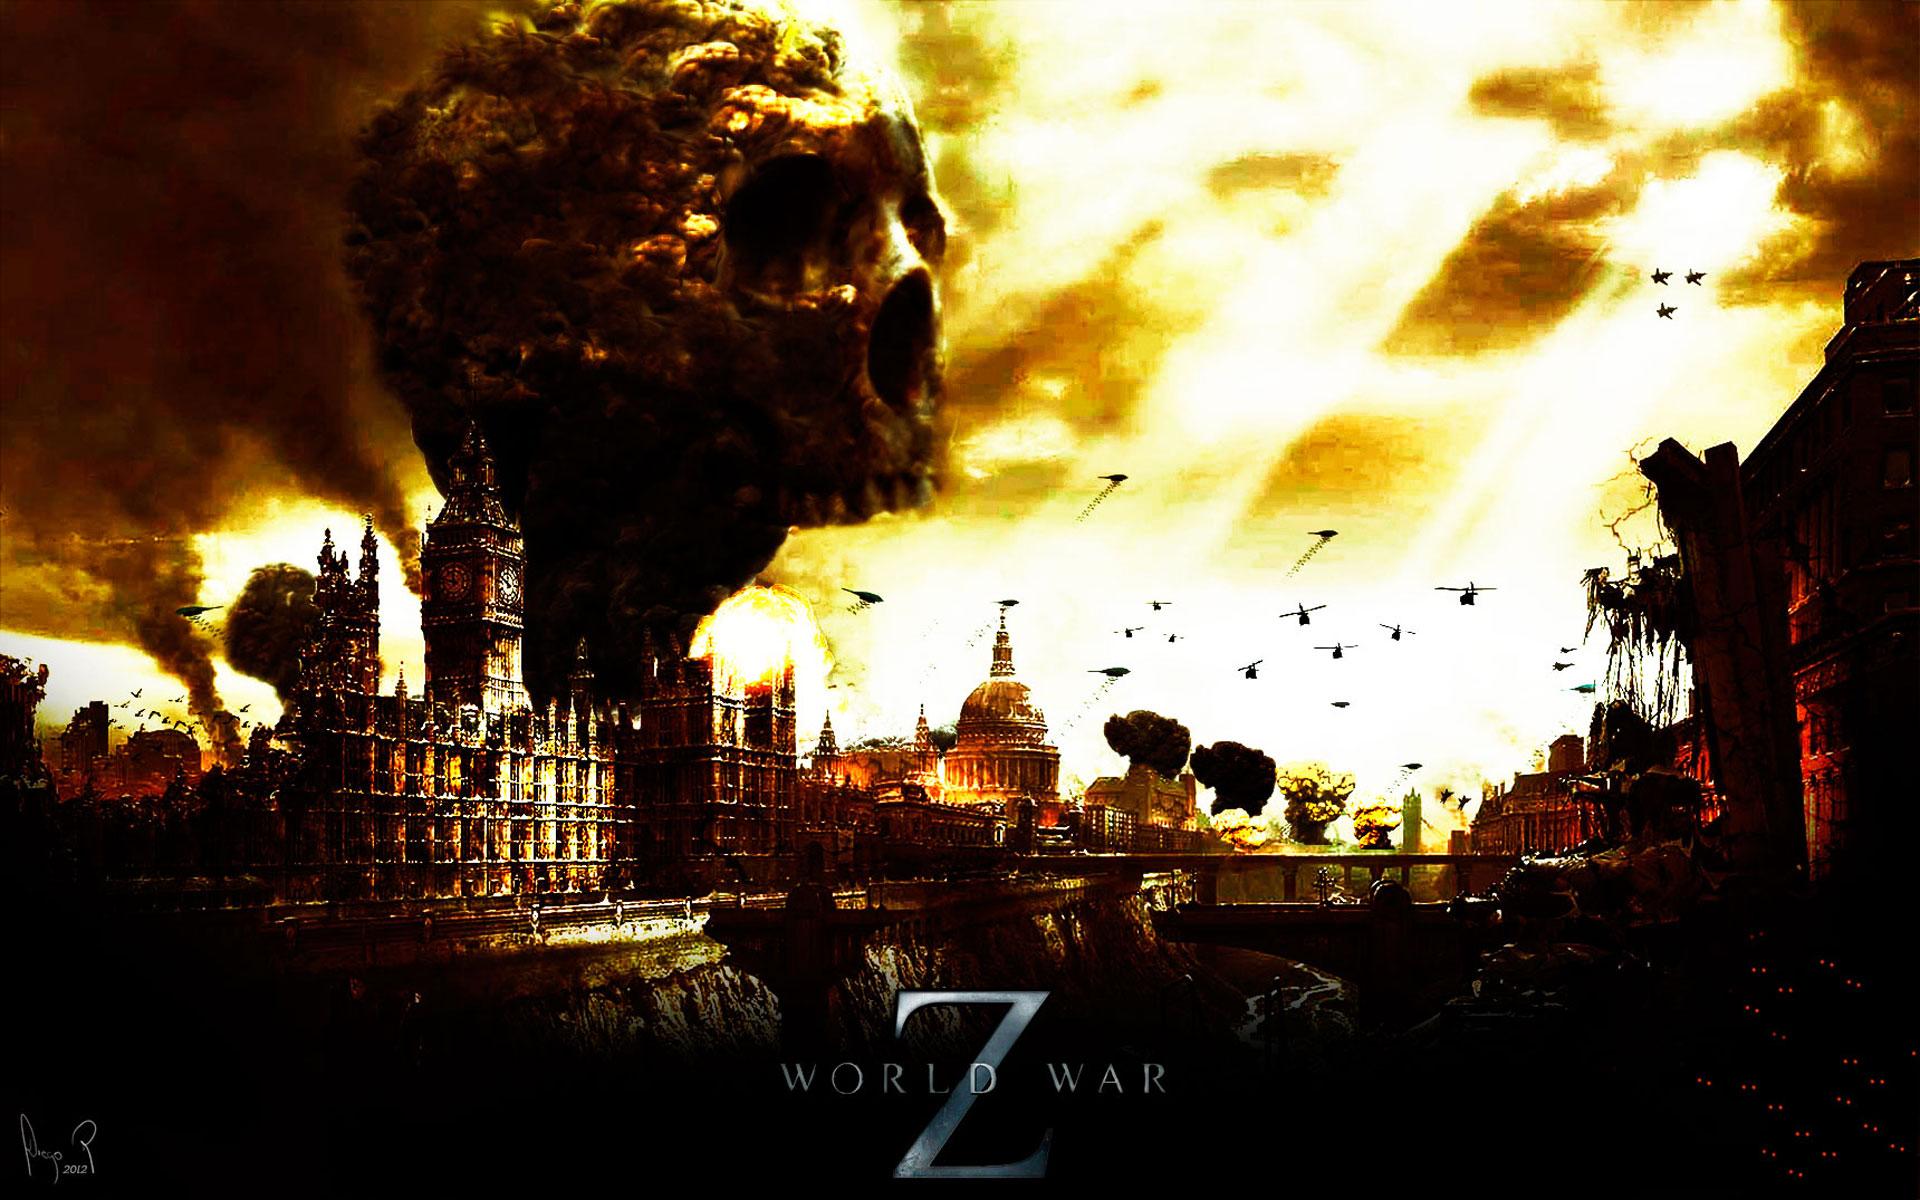 World War Z Poster images